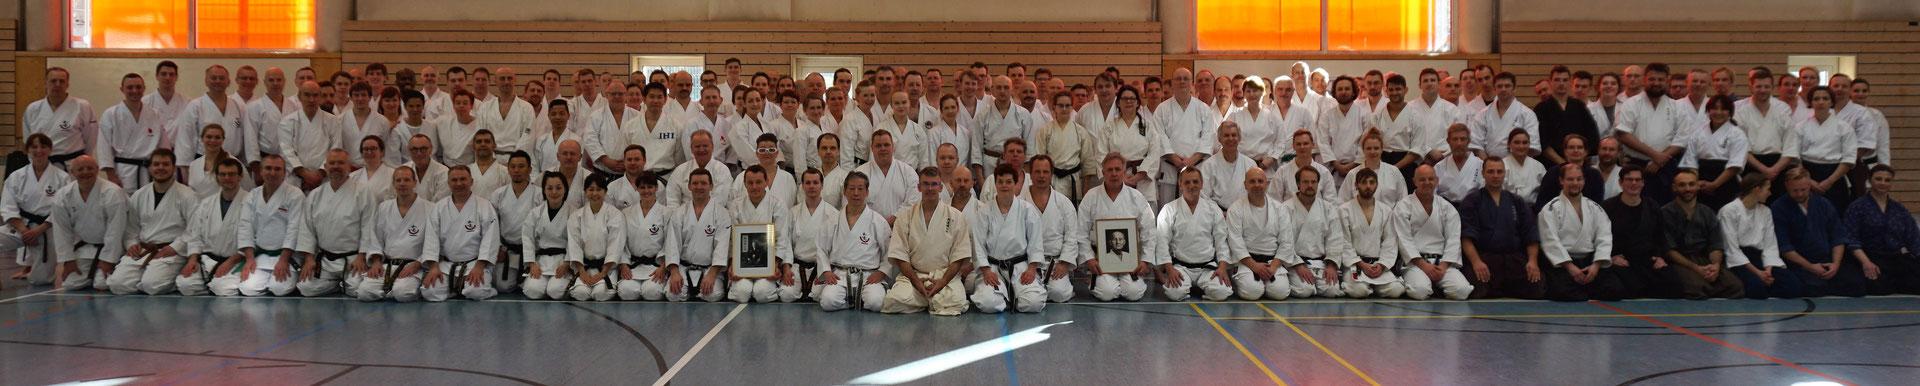 Wado und TSYR Lehrgang mit Koichi Shimura (Japan) und Toby Threadgill (USA) am 16. und 17. Februar 2019 in Berlin